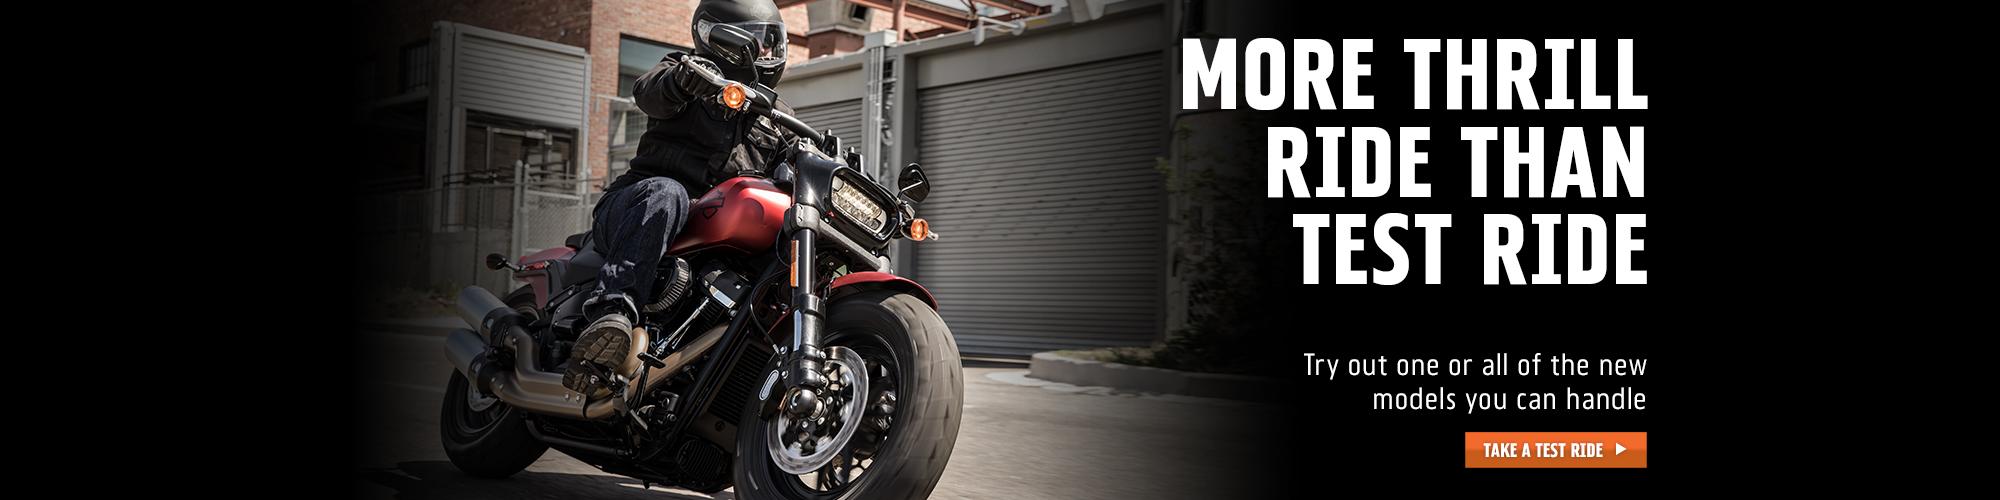 Harley-Davidson More Thrill Than Test Ride at Harley-Davidson of Atlanta